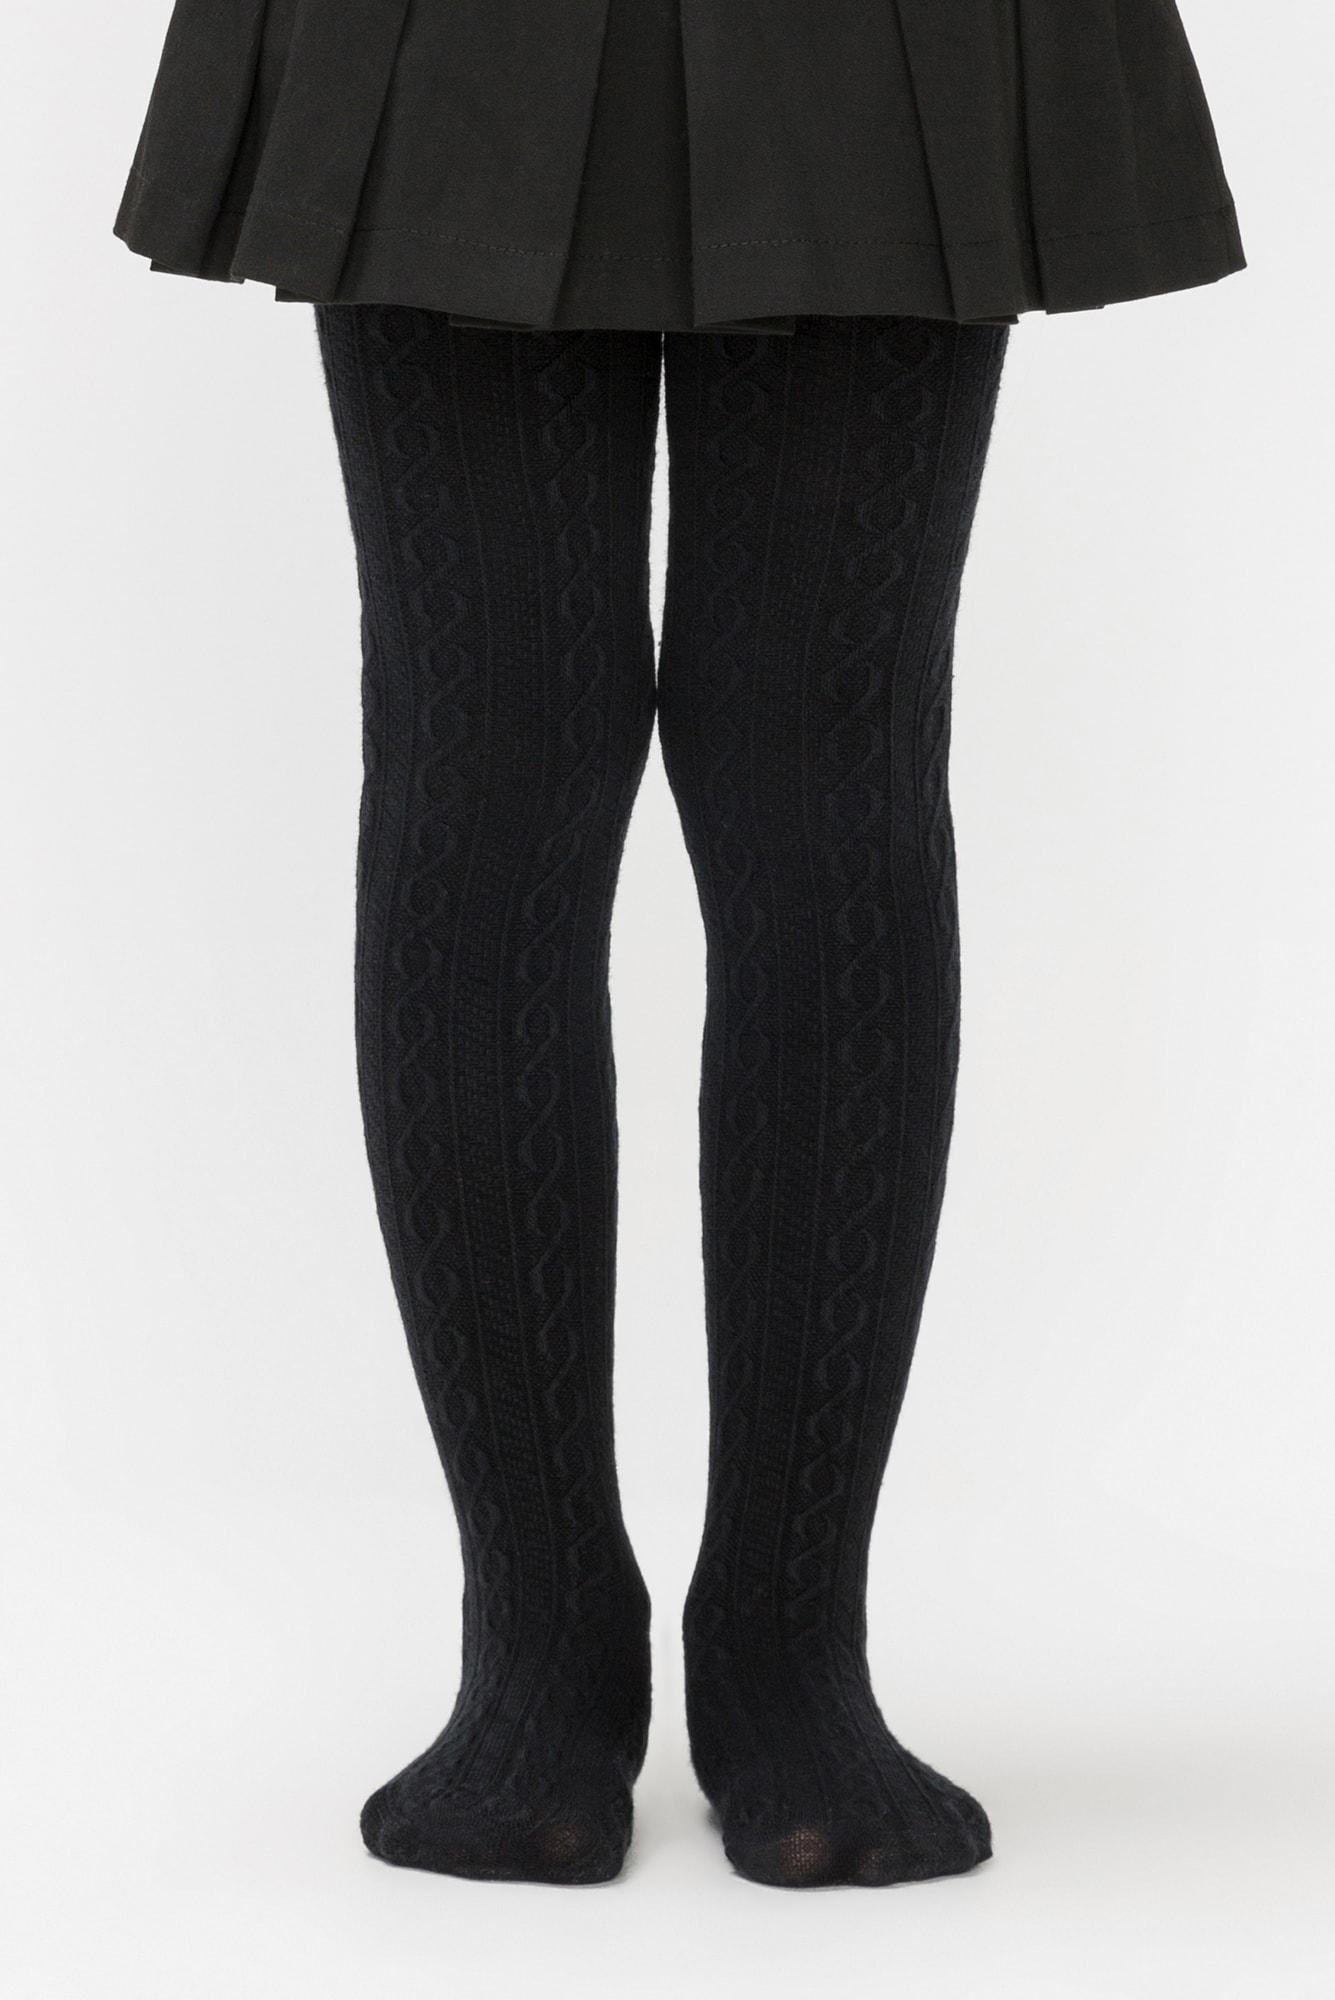 پنتی | Penti - جوراب شلواری دخترانه طرح Karina رنگ مشکی